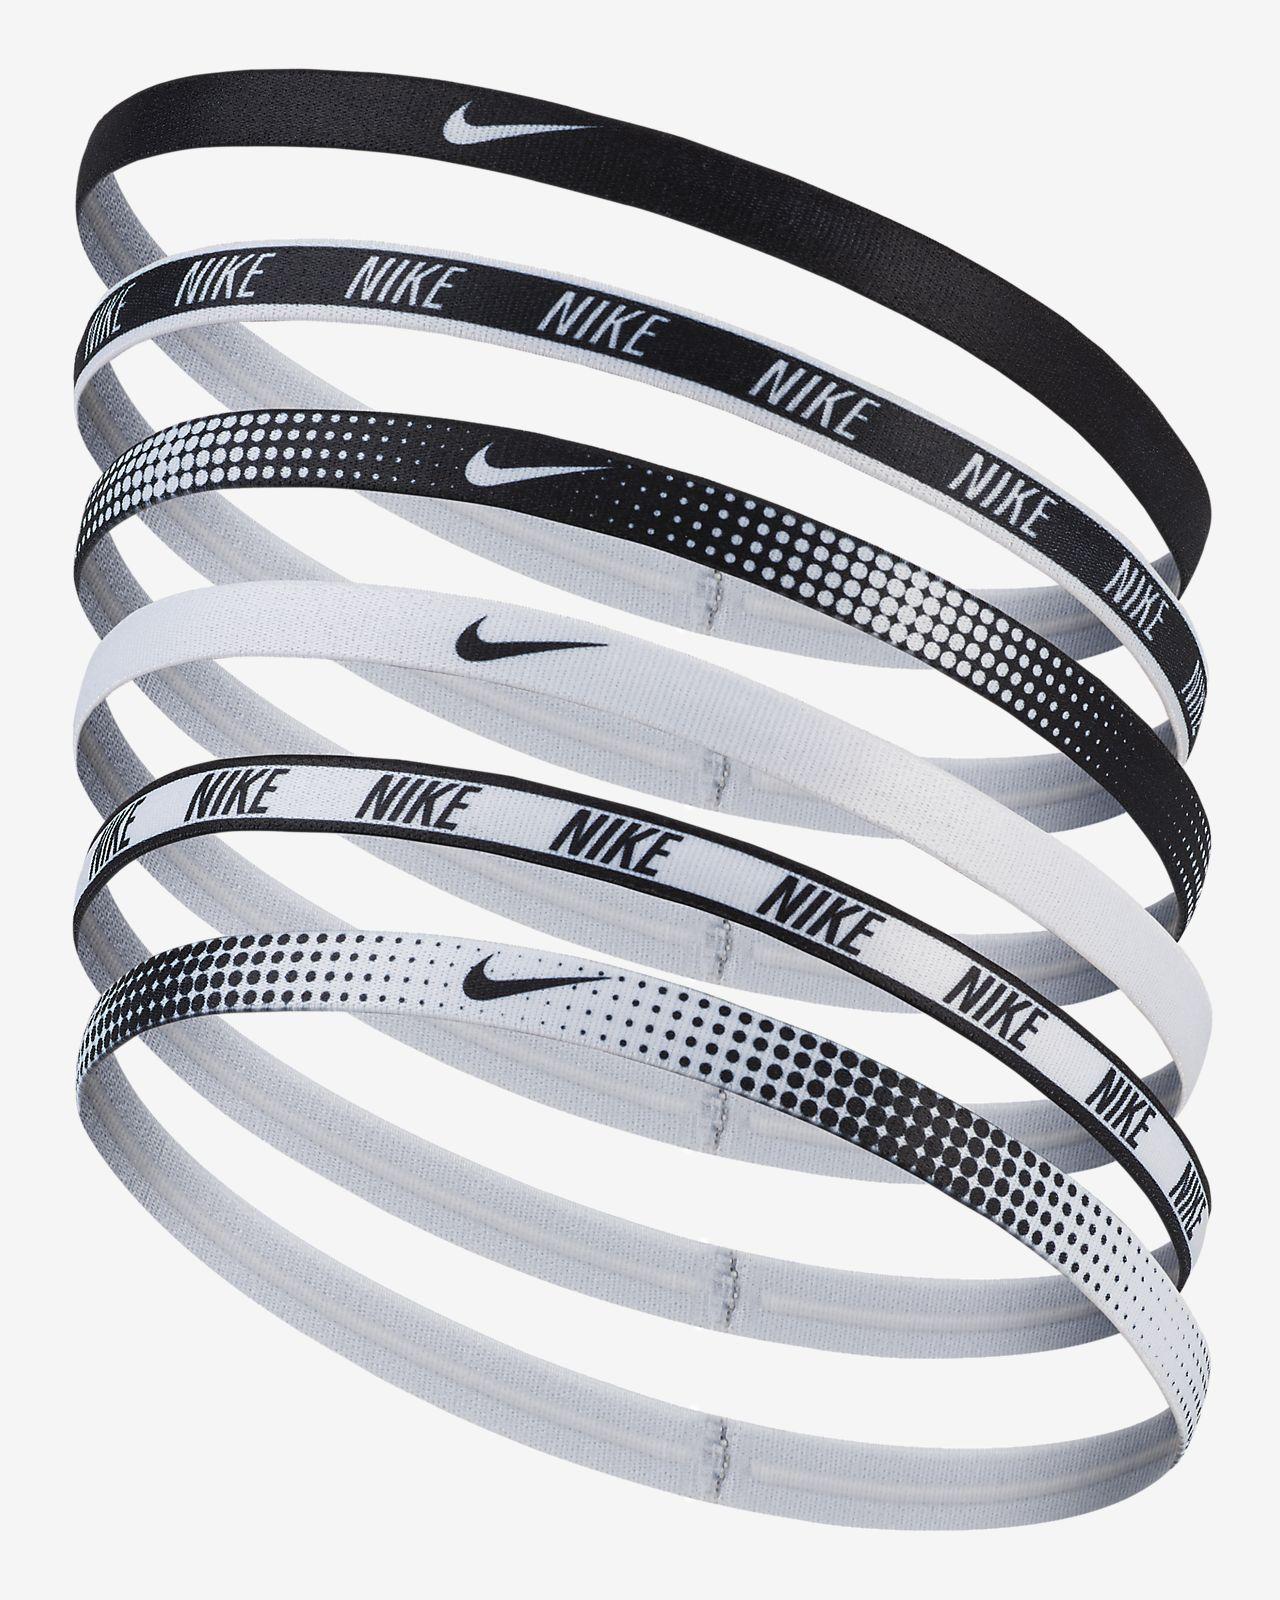 Κορδέλες Nike (6 τεμάχια)